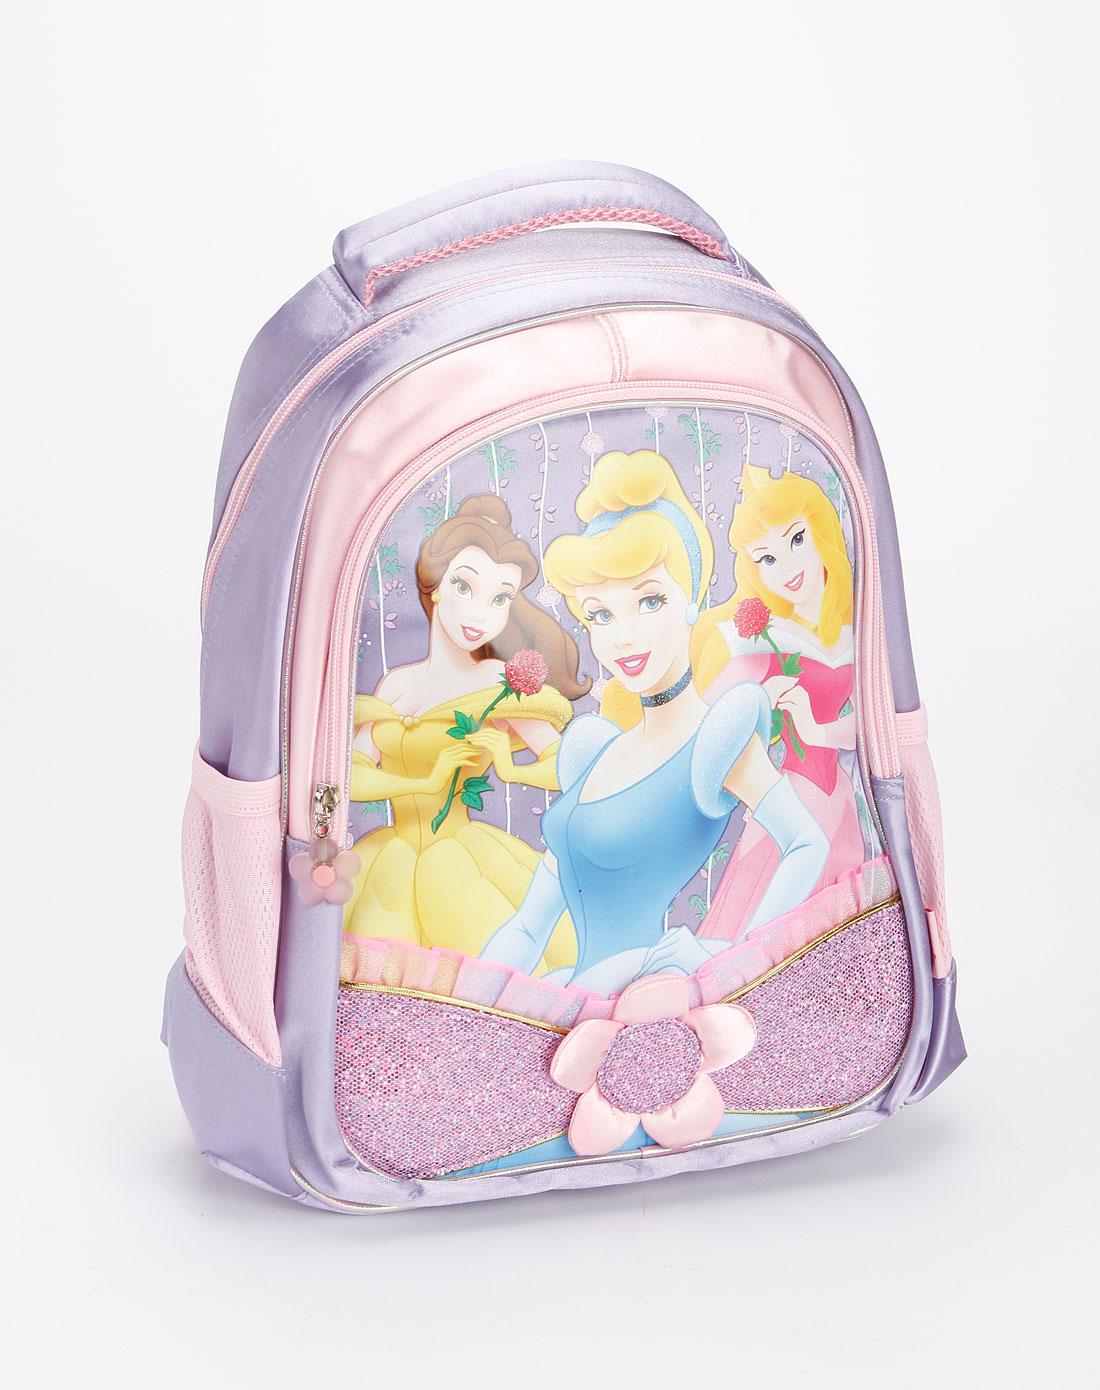 迪士尼disney儿童用品专场女童紫色公主卡通学生书包